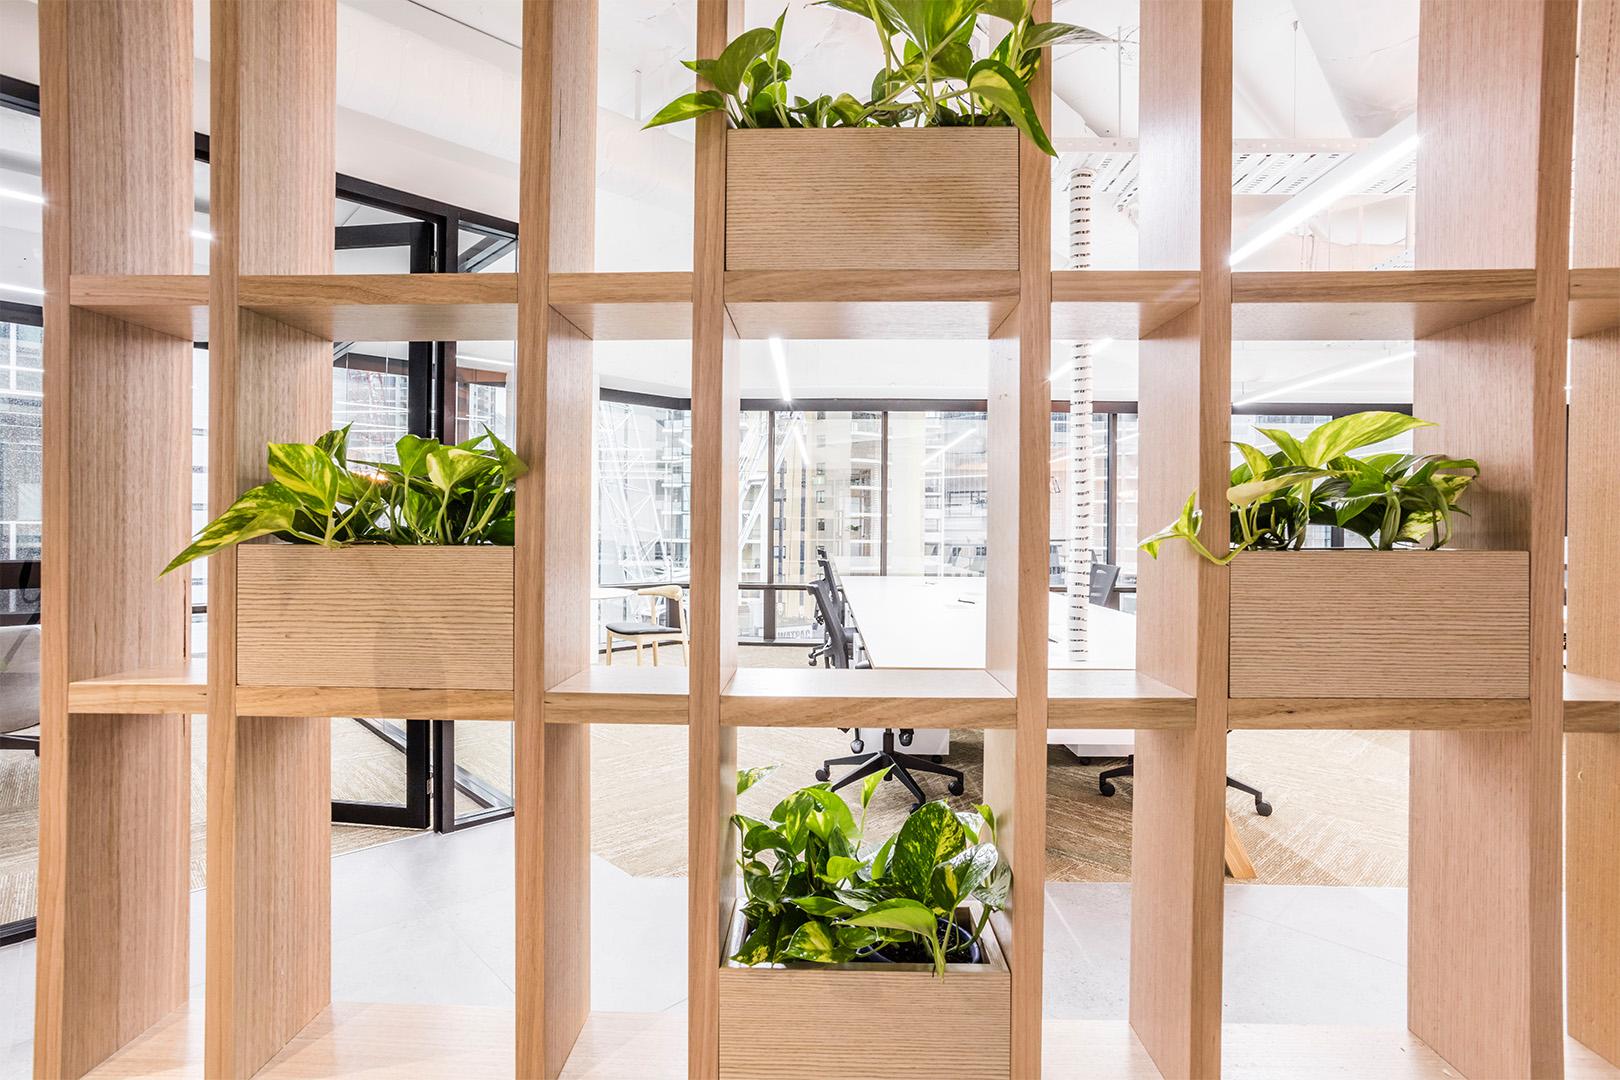 The Greenhouse for Quadra